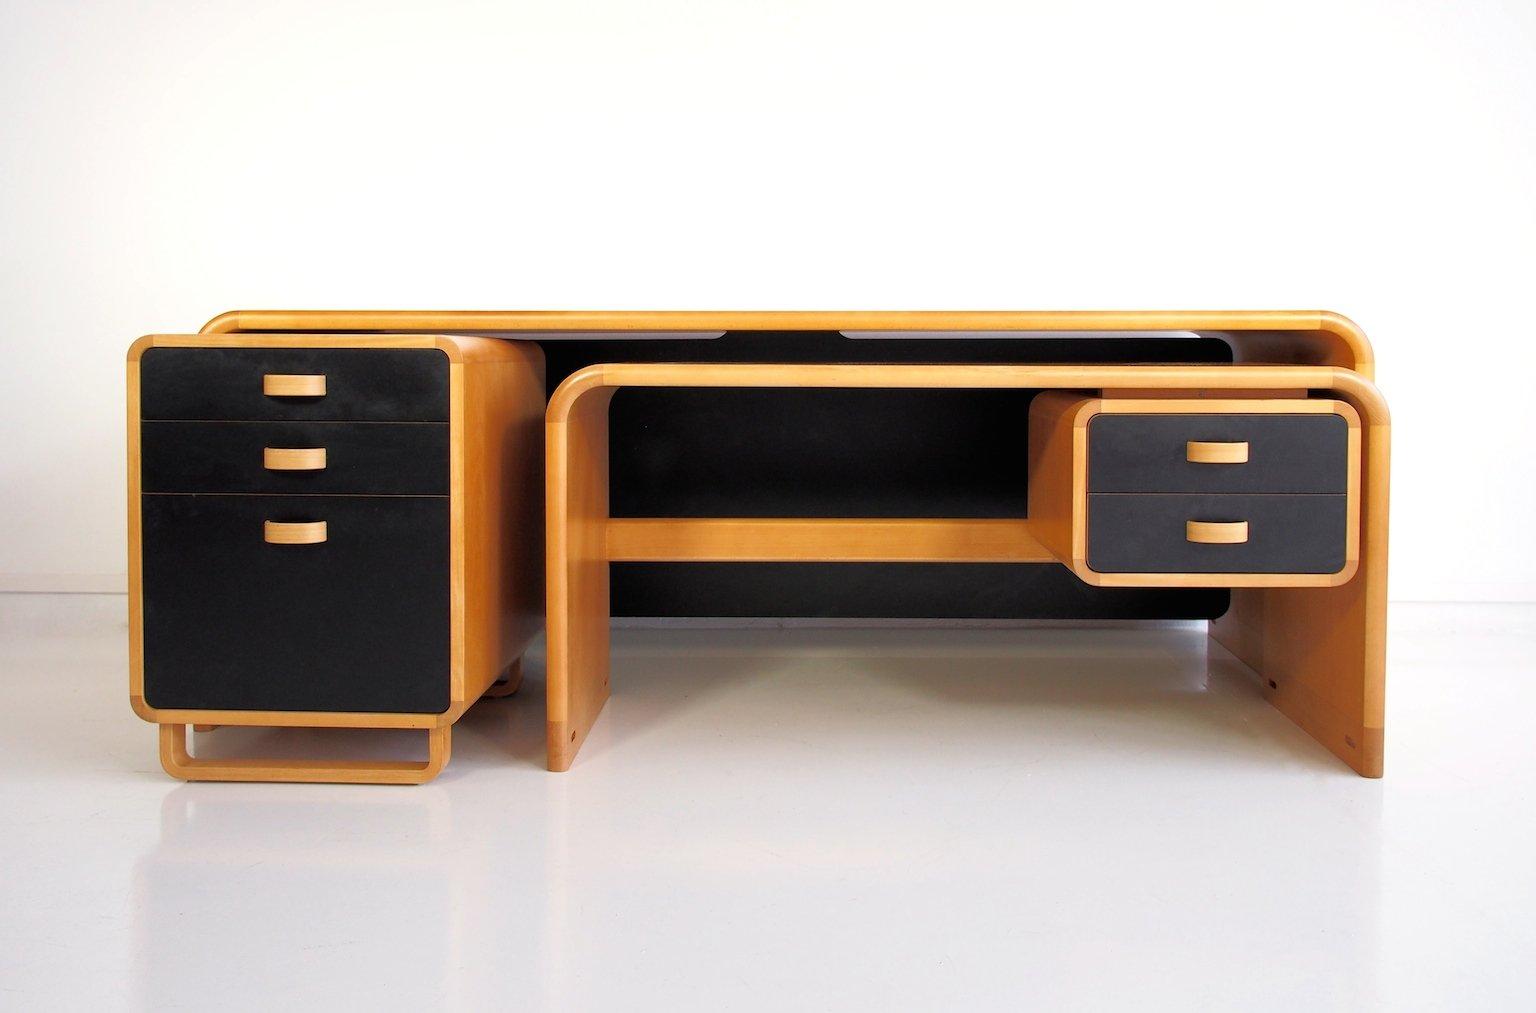 Vintage buchenholz schreibtisch von rud thygesen johnny for Schreibtisch aus buchenholz